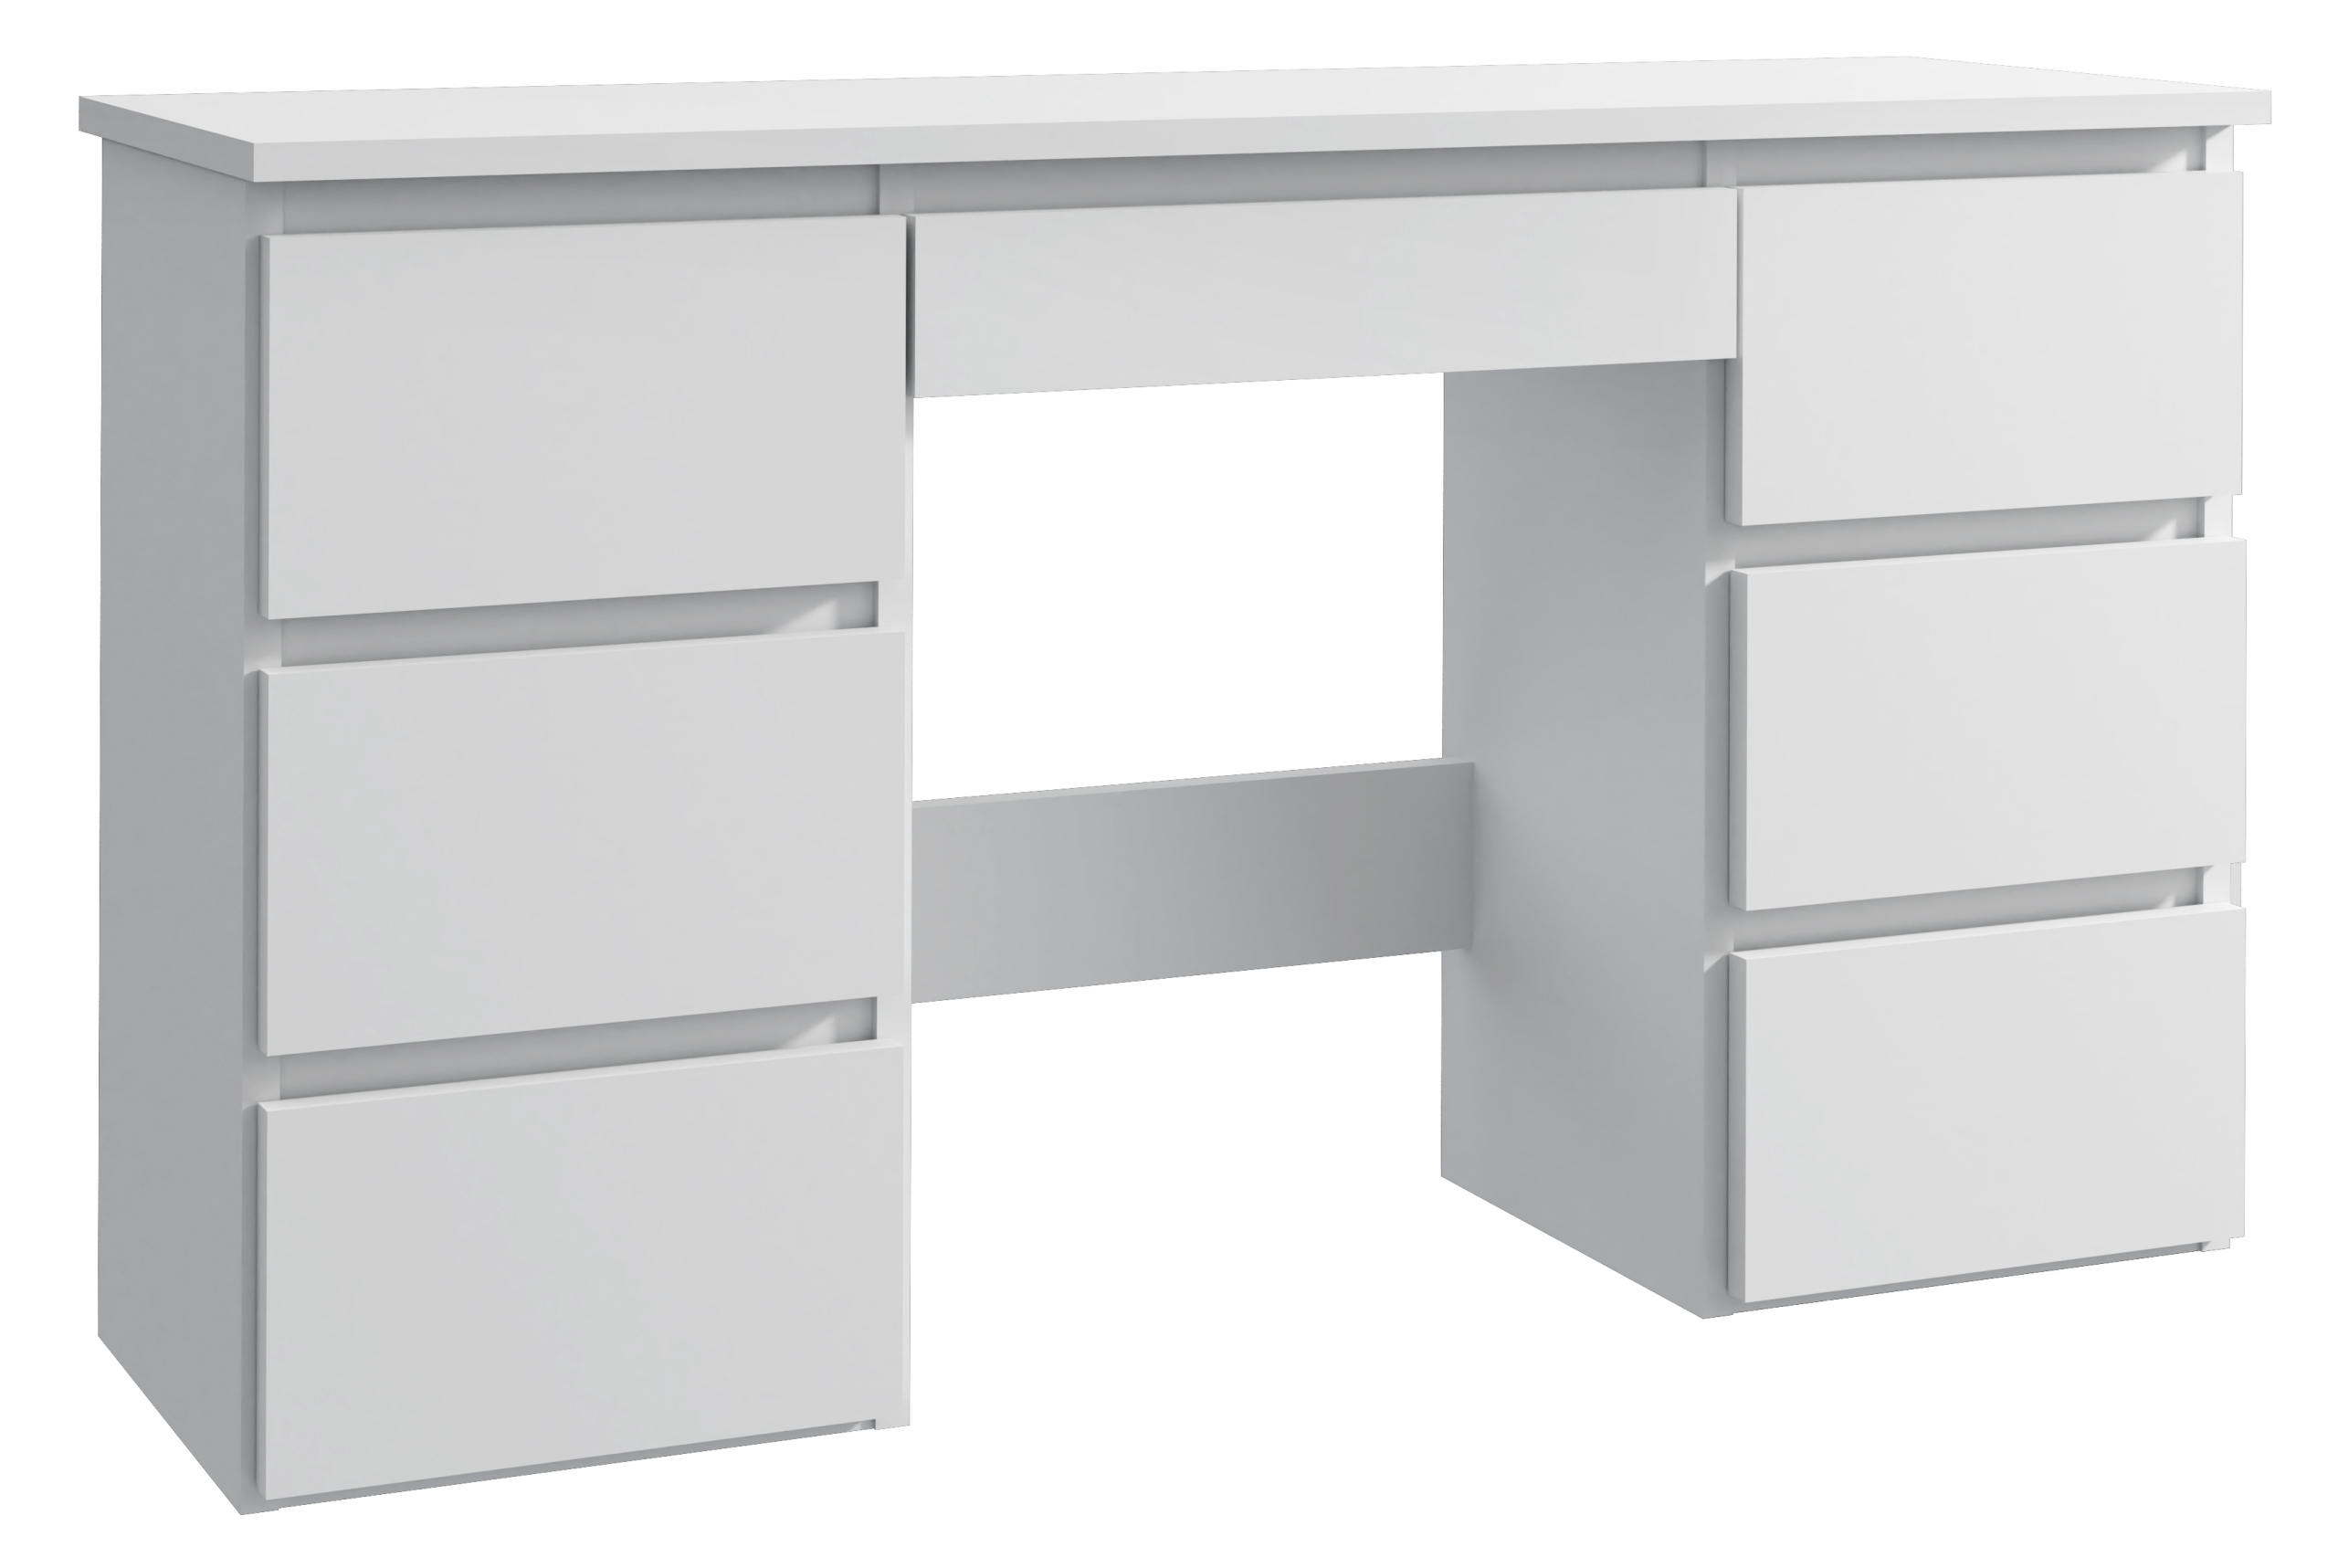 Biurko białe komputerowe duże z szufladami Beta 4